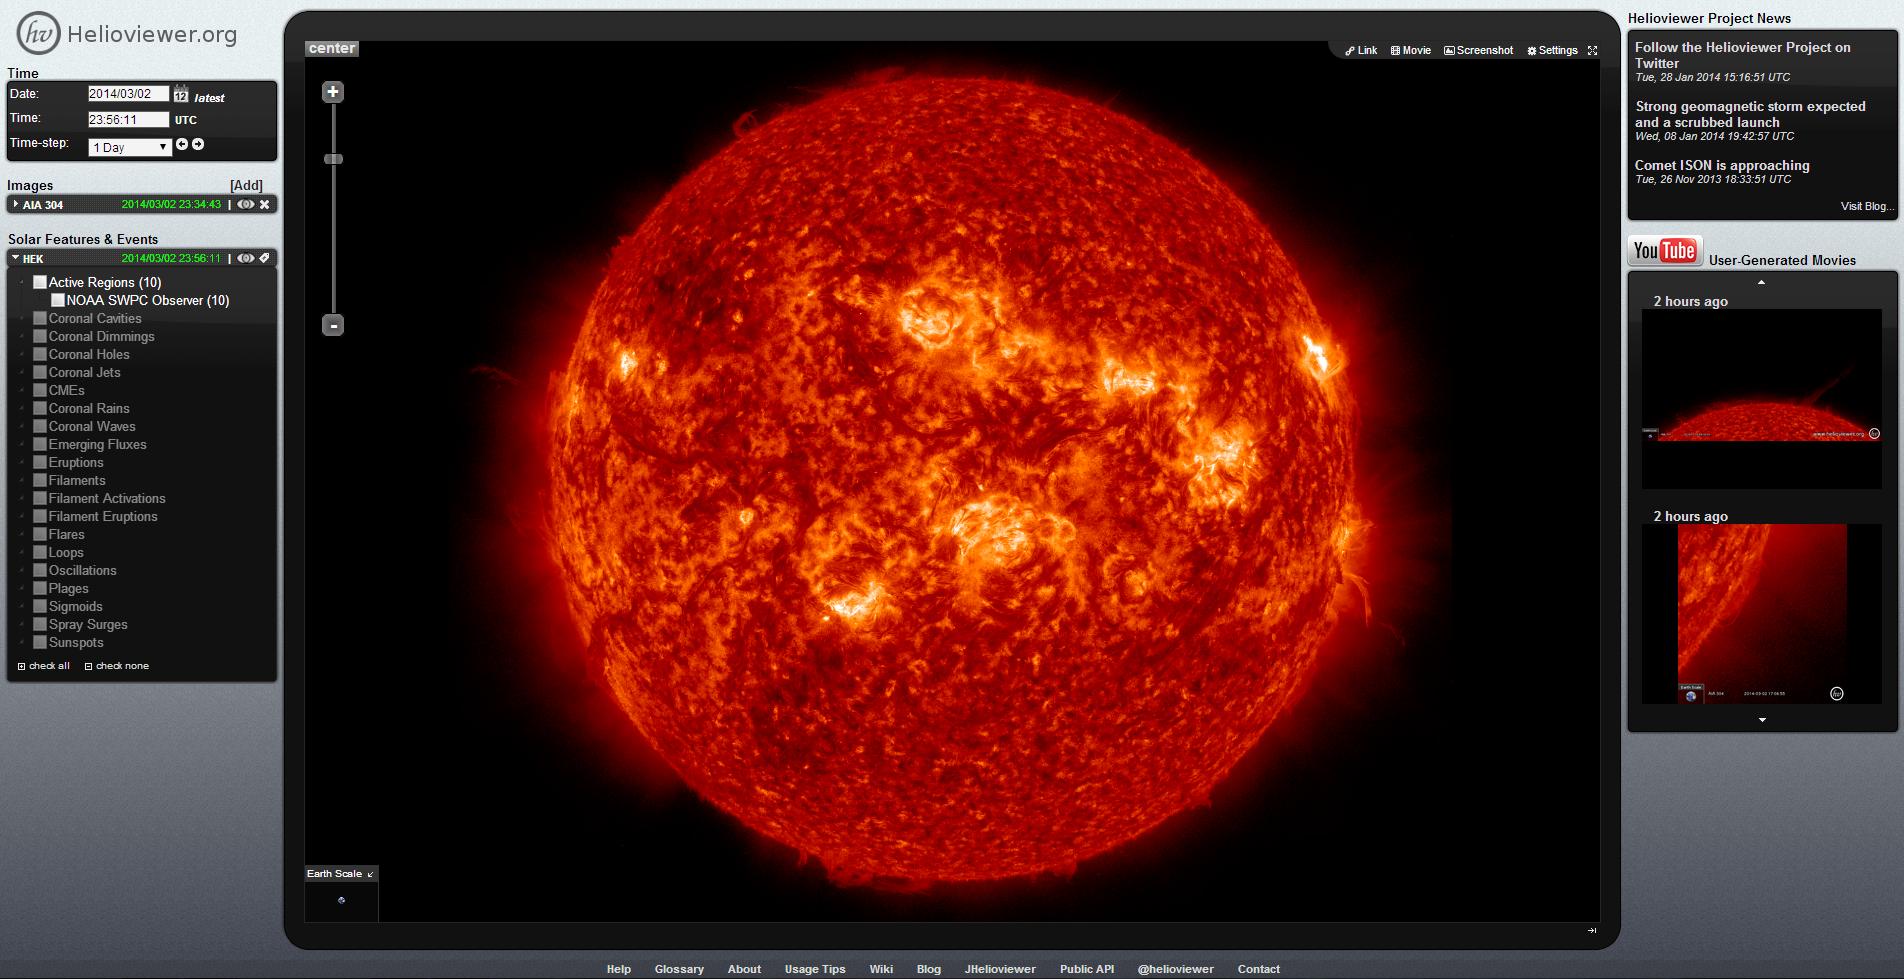 Visión interactiva 3D del Sol-Helioviewer